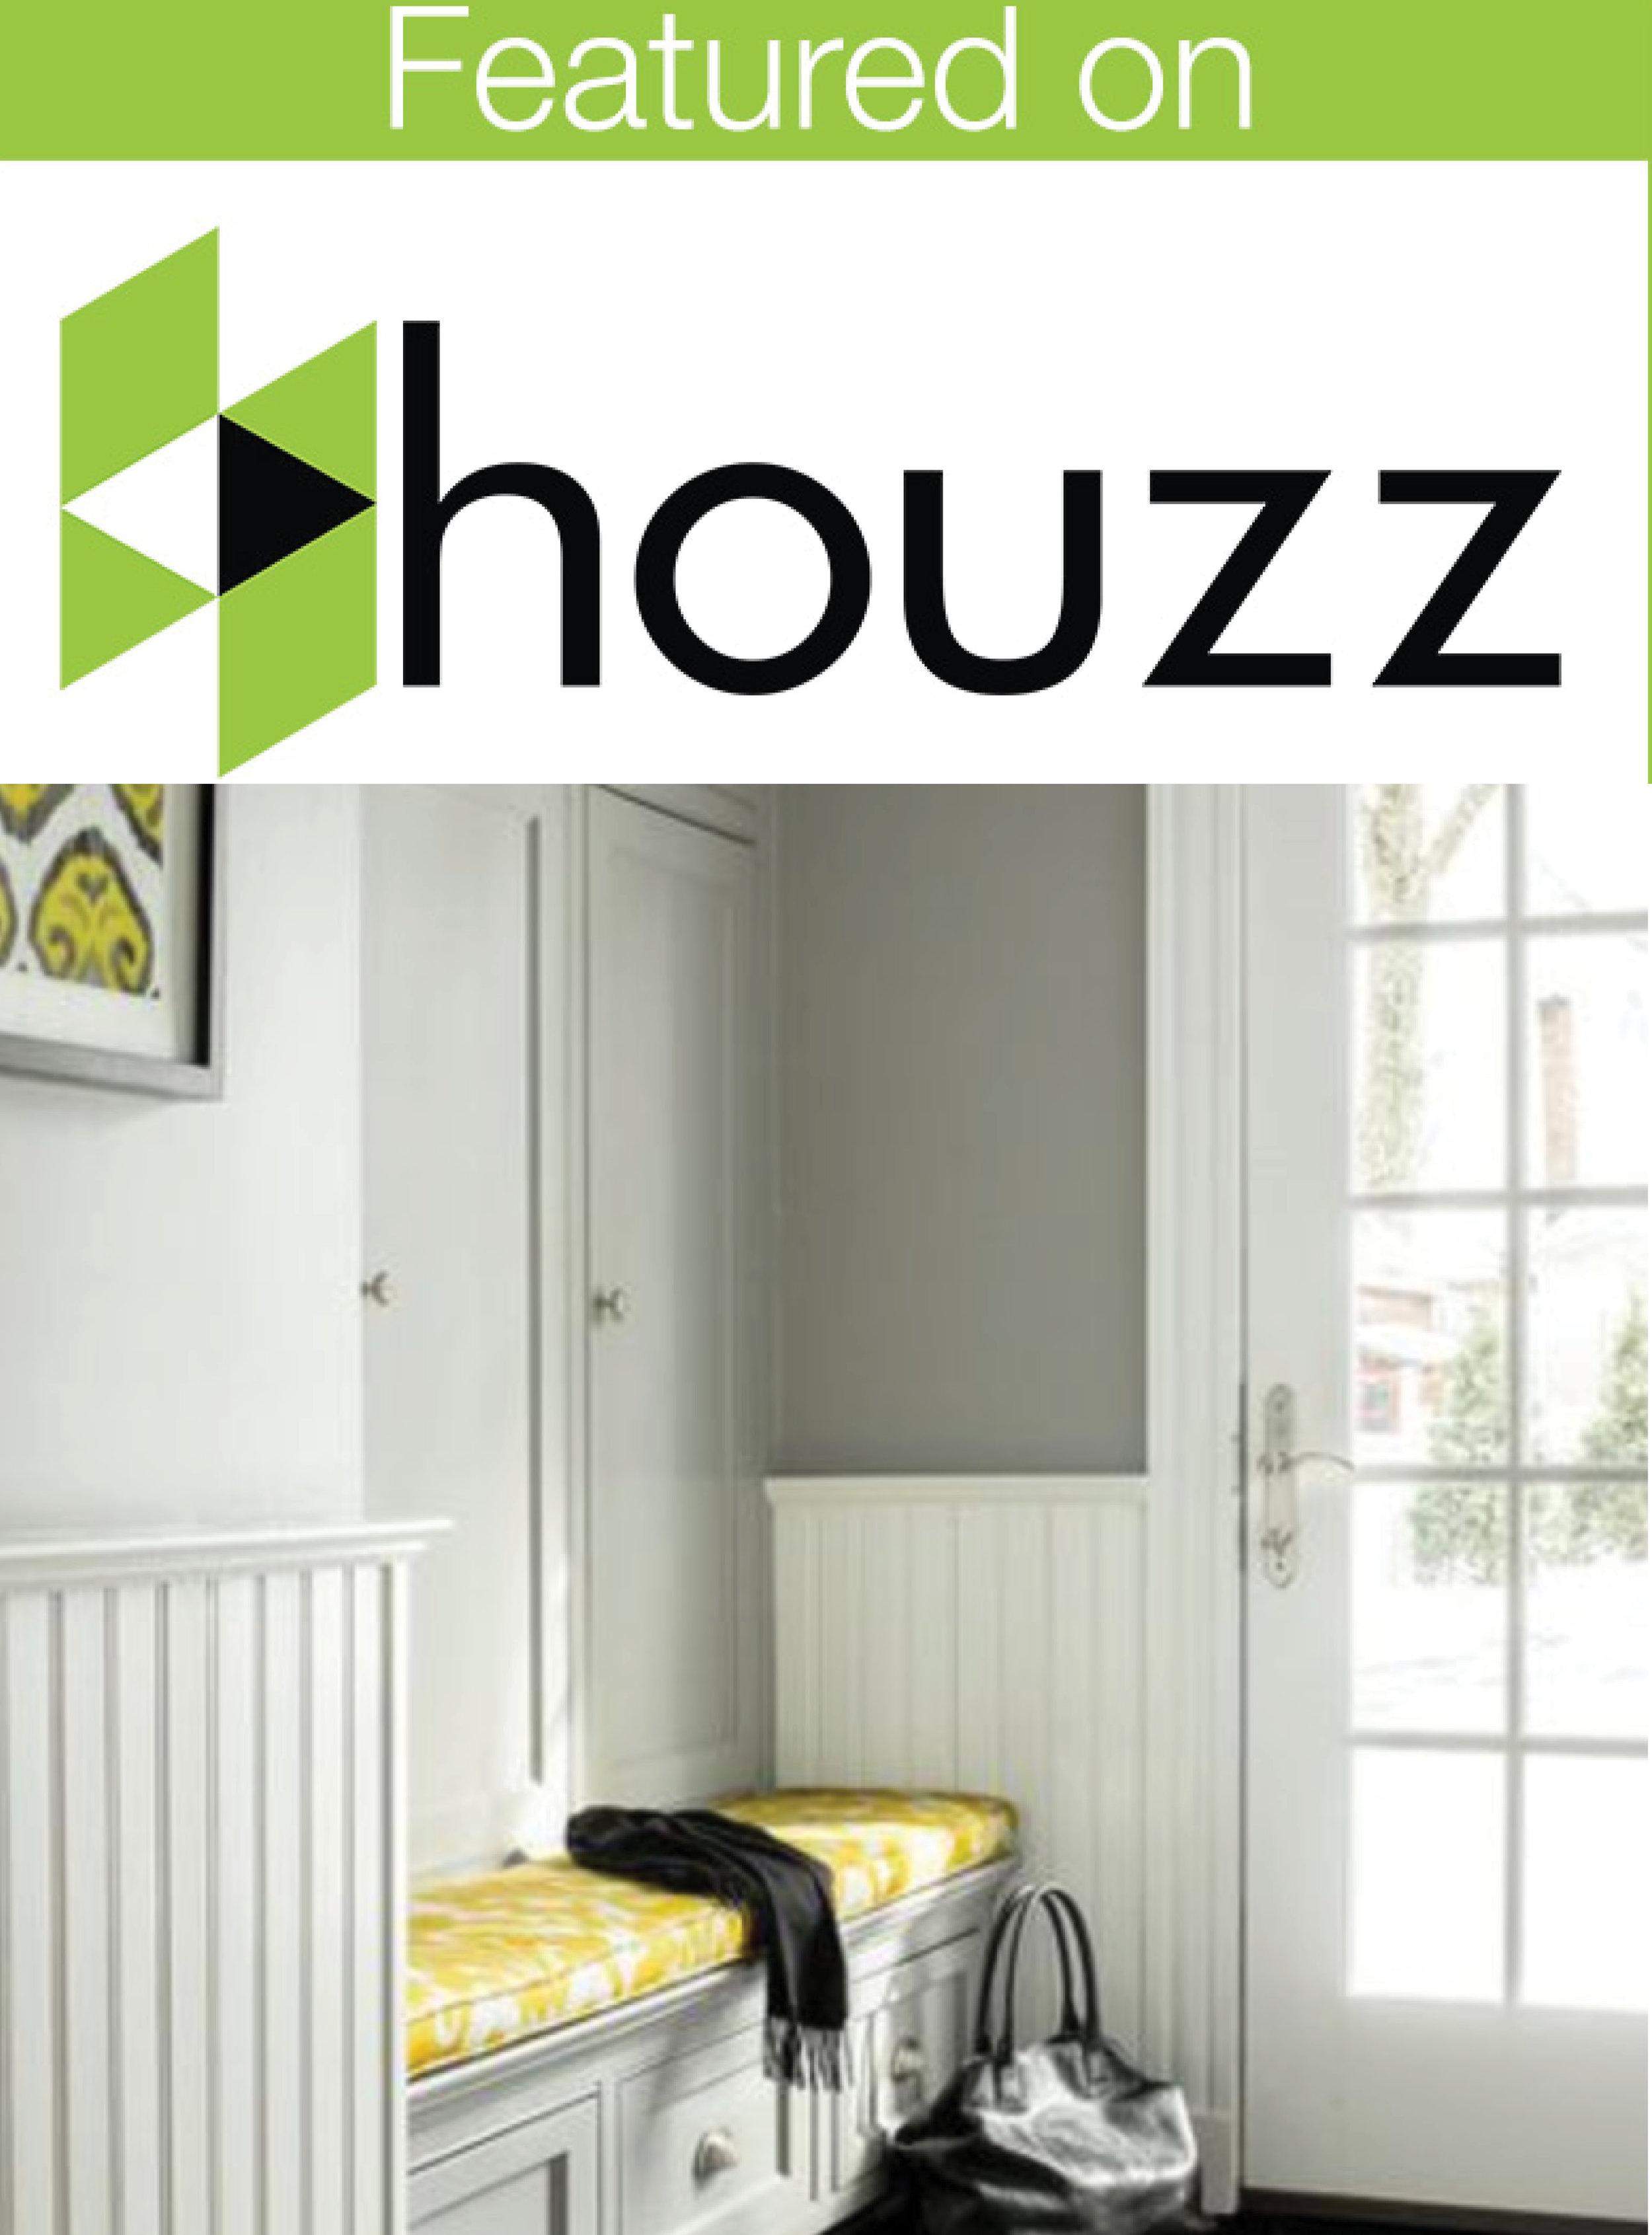 Smart Storage. Houzz 2015